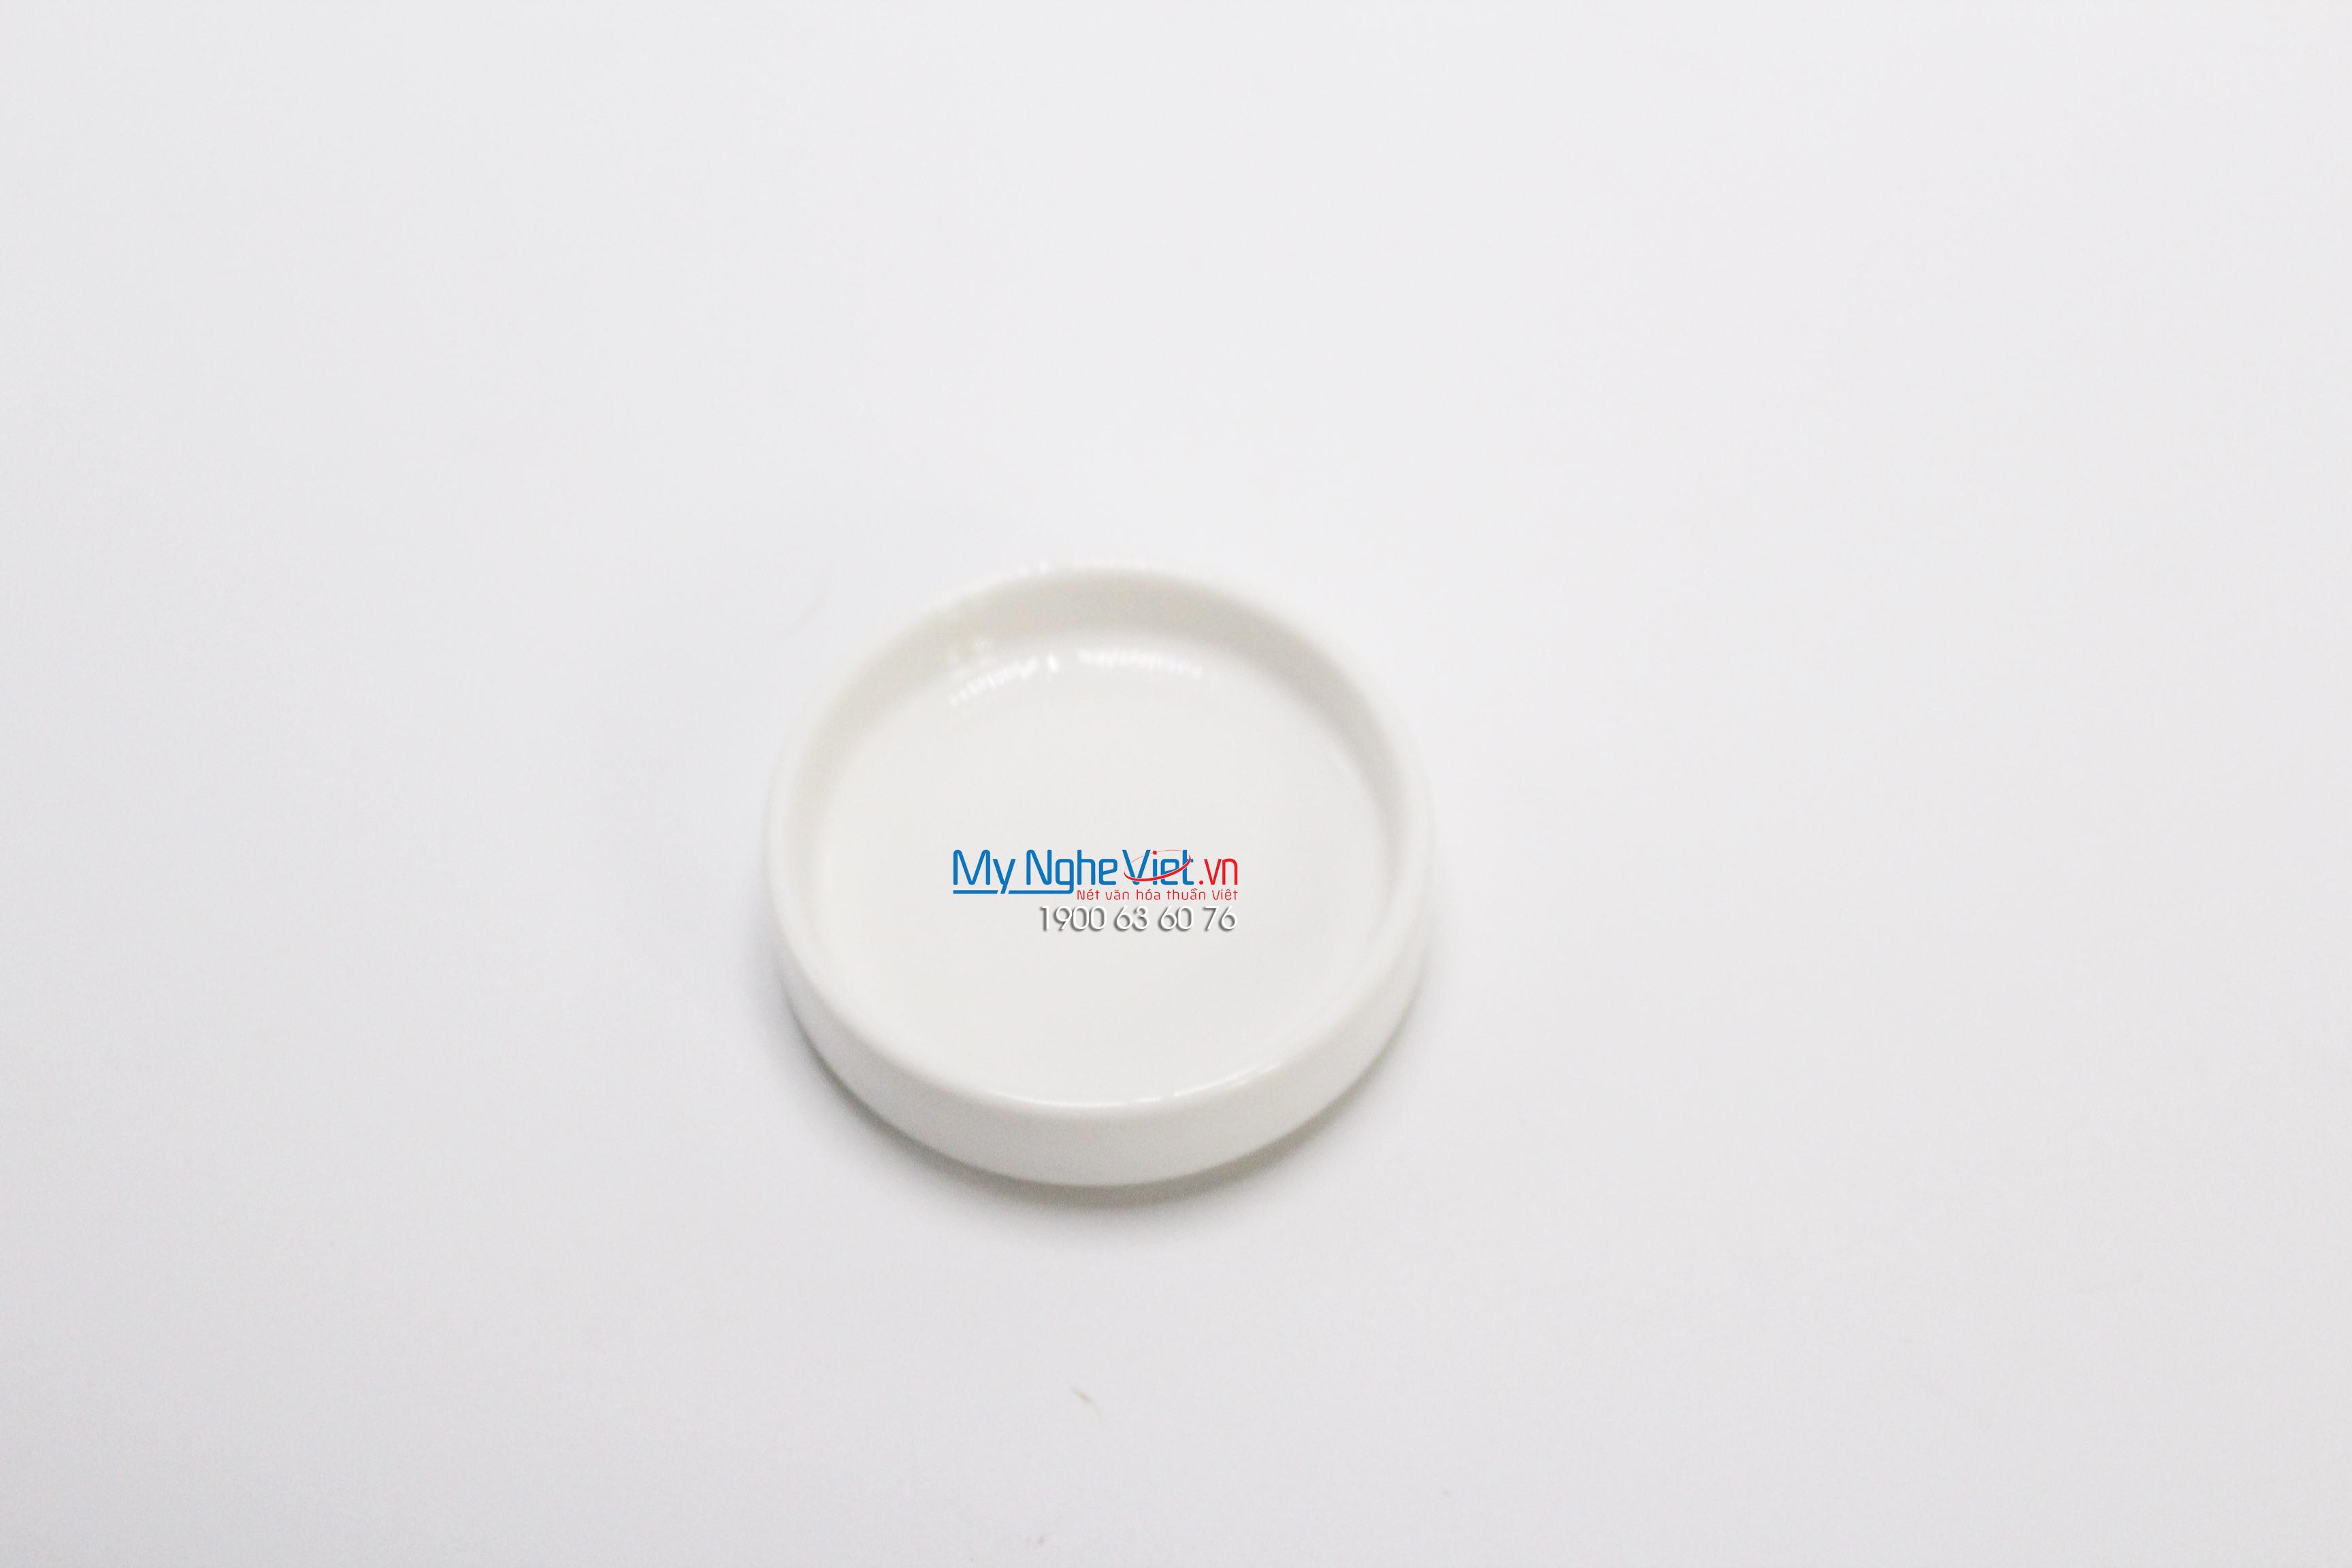 Nắp chum 1.8 cm trắng ngà - MNV - 020199000